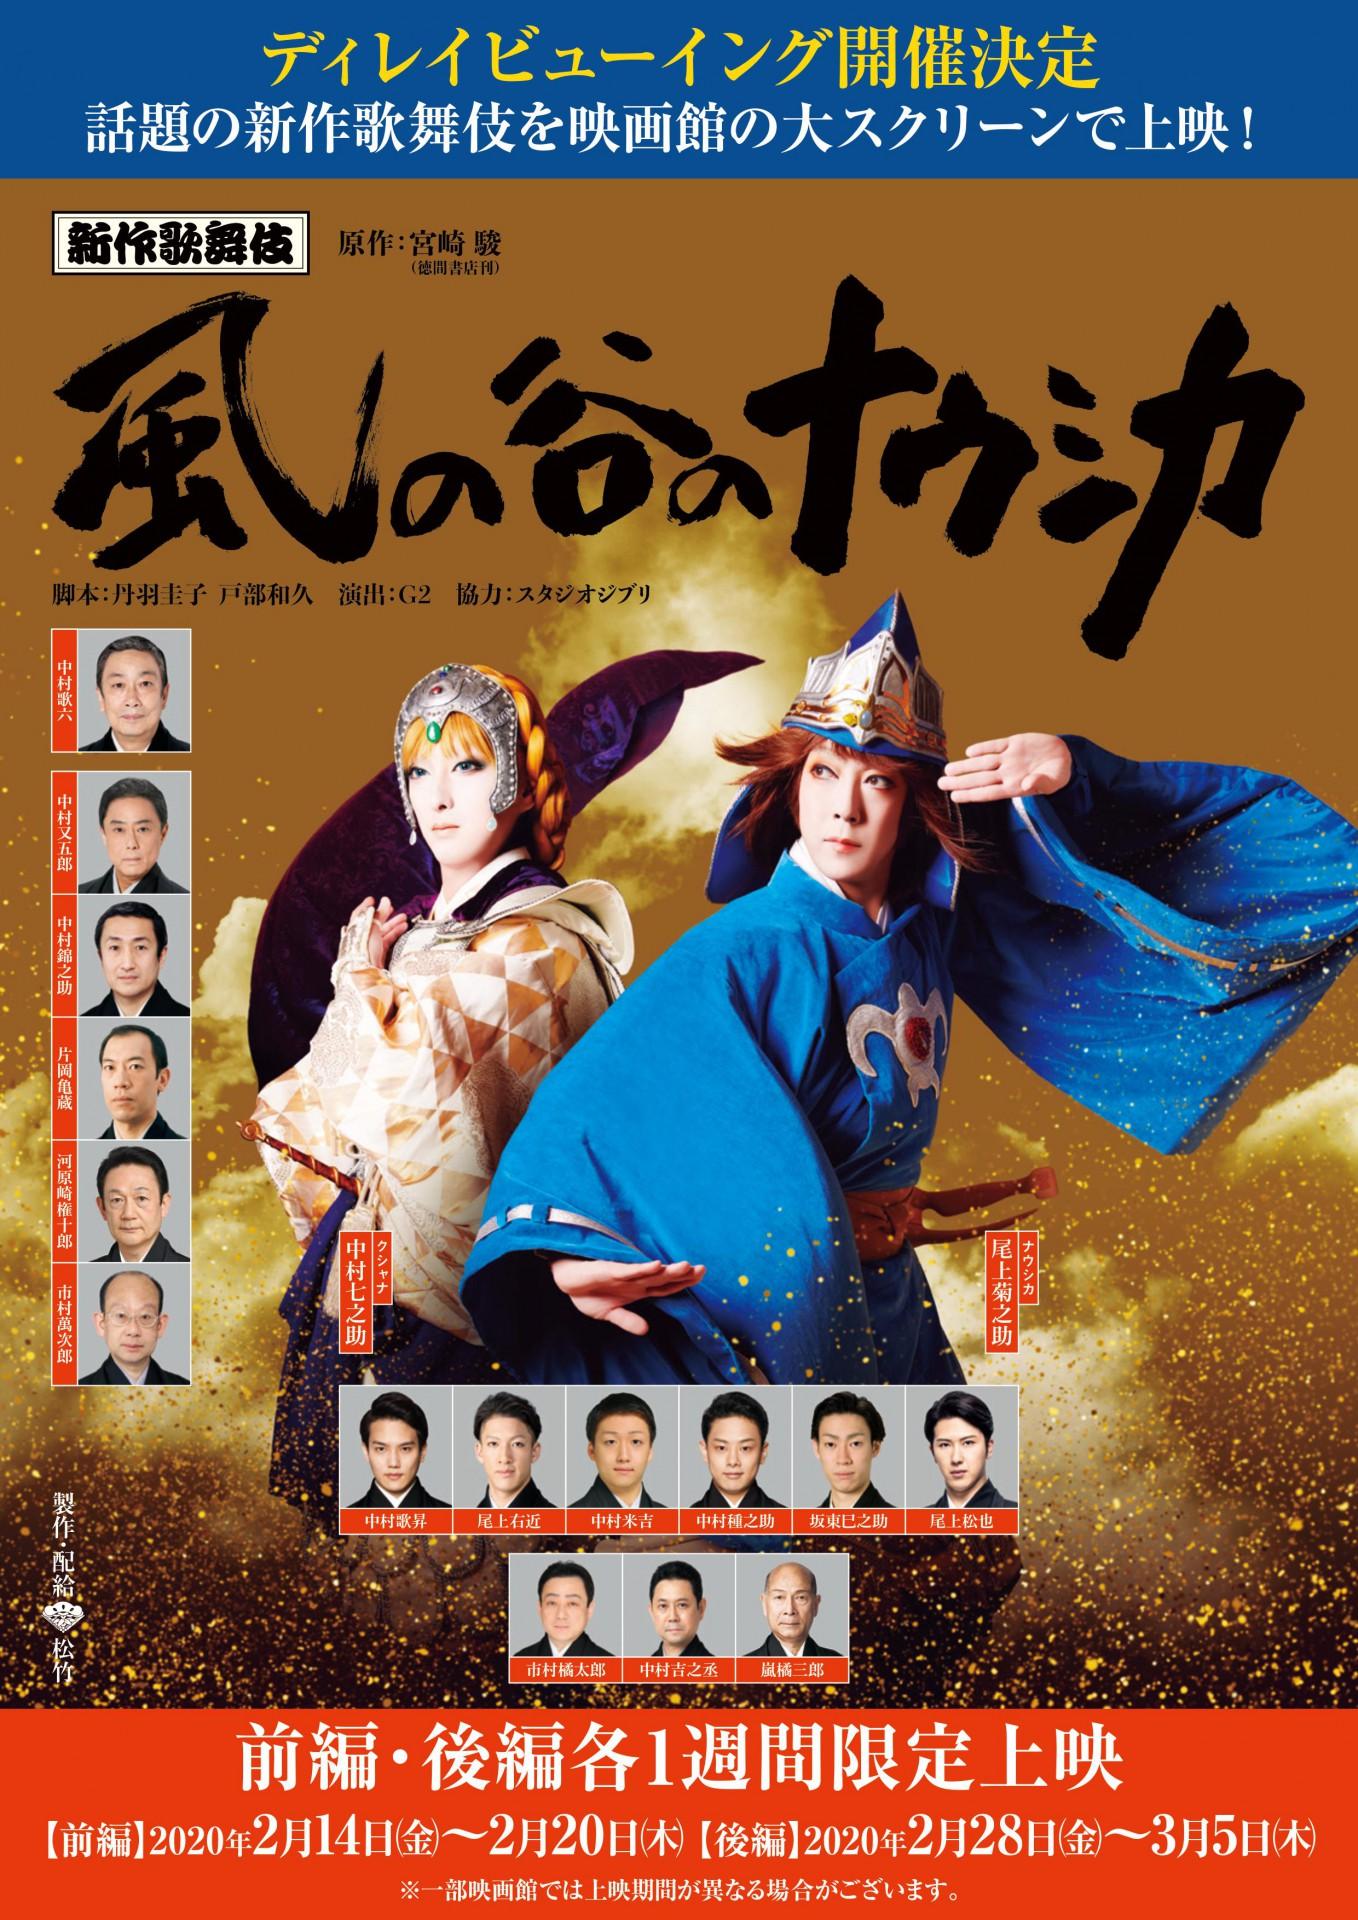 新作歌舞伎 「風の谷のナウシカ」後編ディレイビューイング